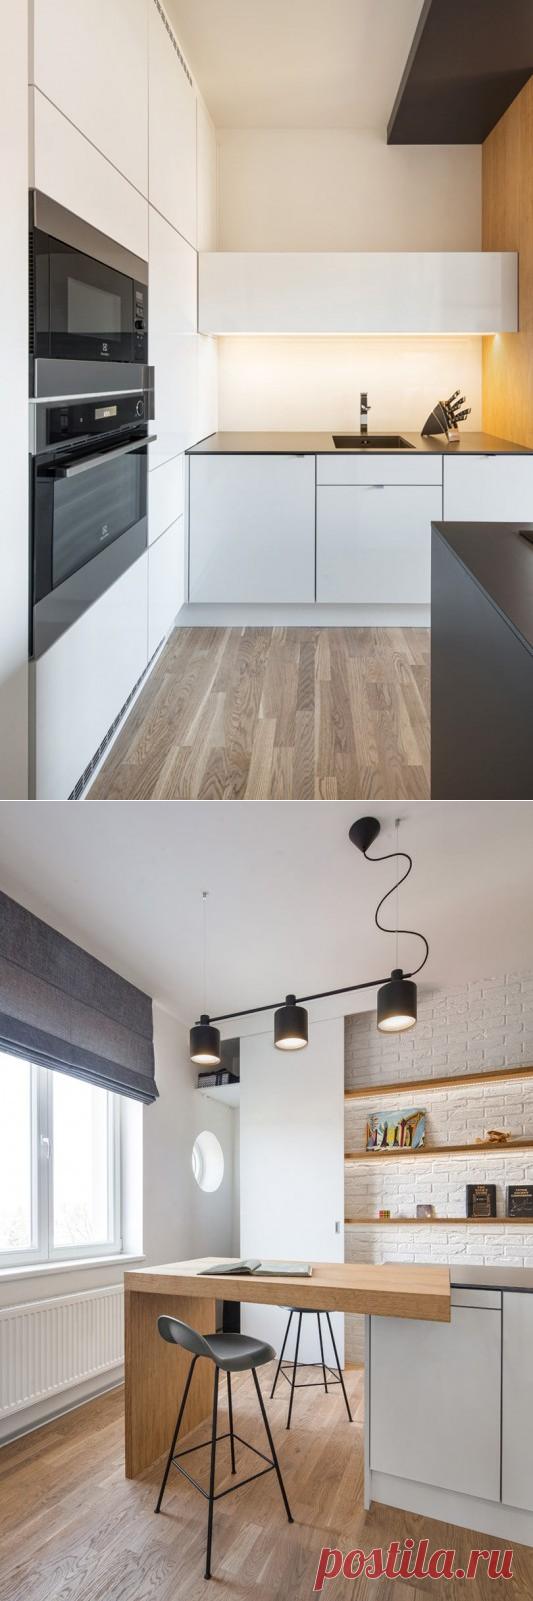 Апартаменты площадью 36 м2 в Праге — Lodgers - Дизайн интерьера